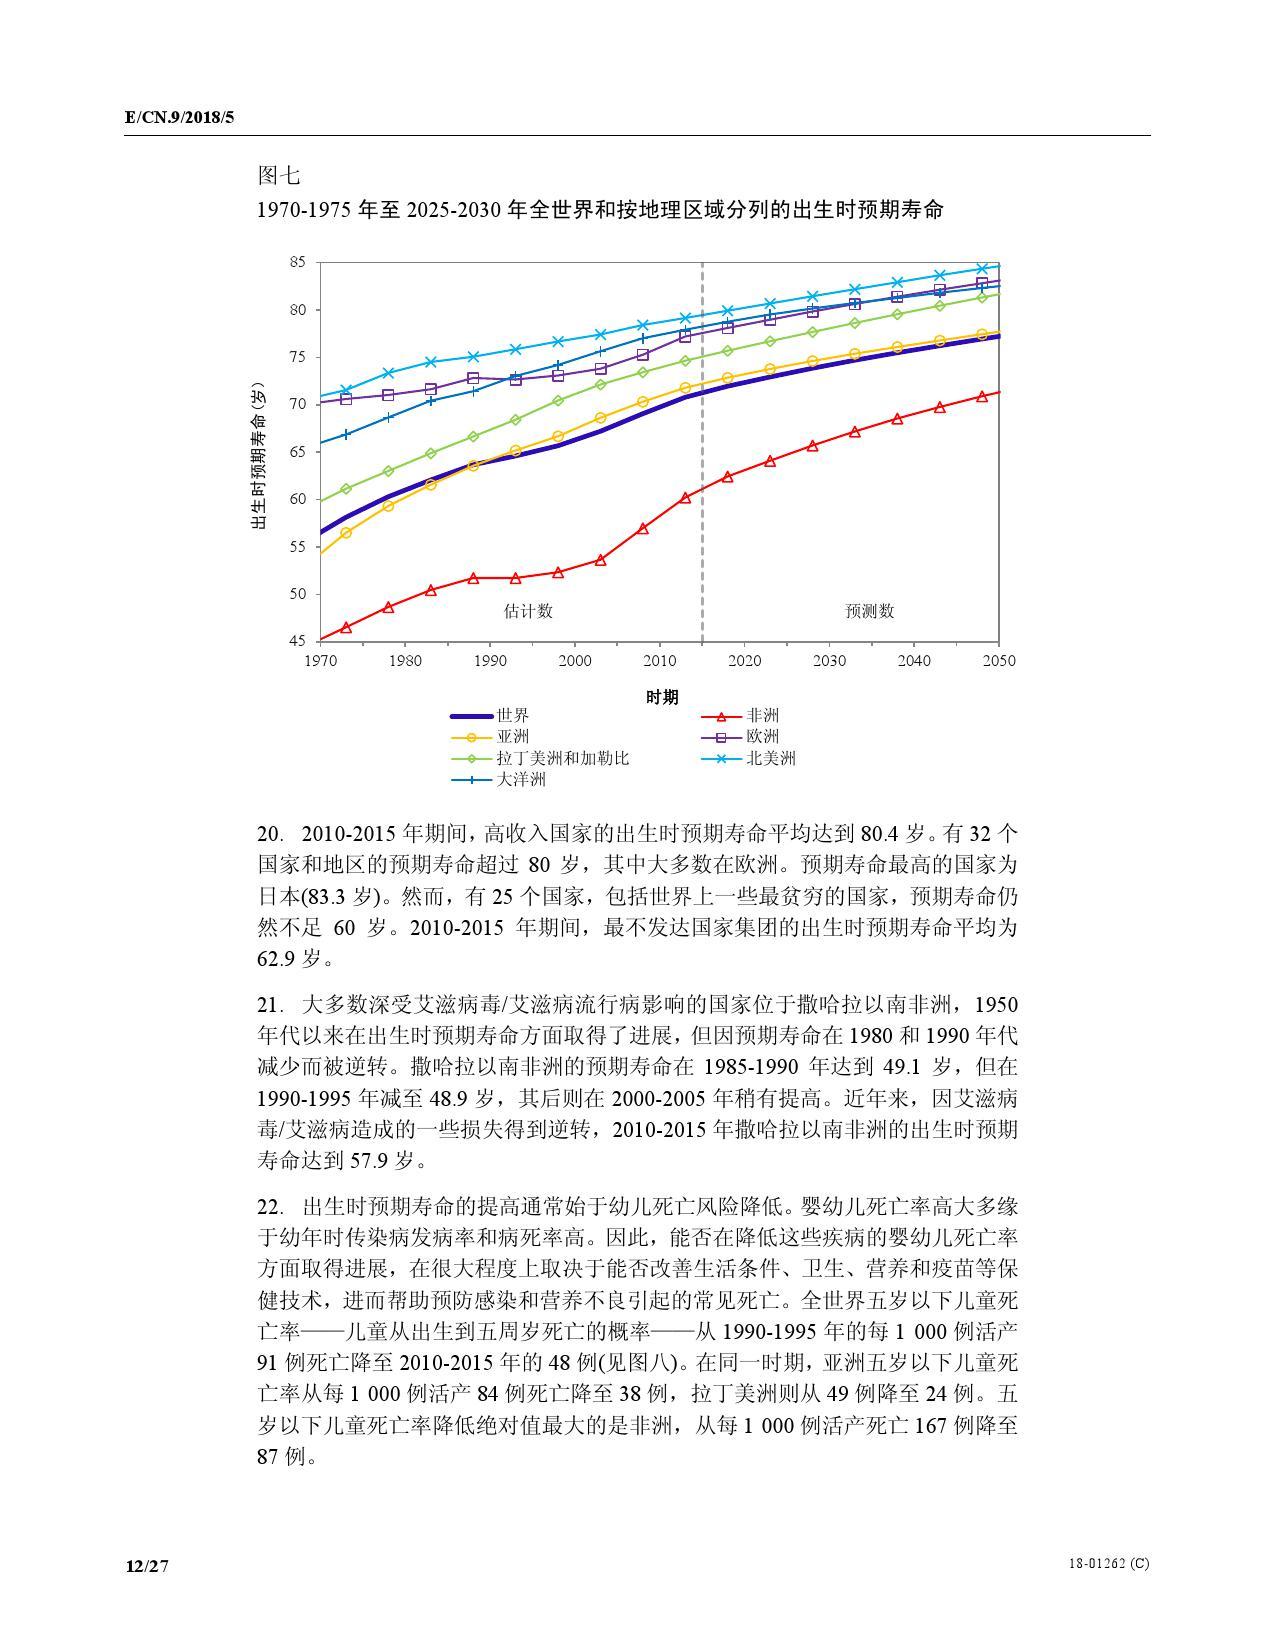 世界人口报告_世界人口